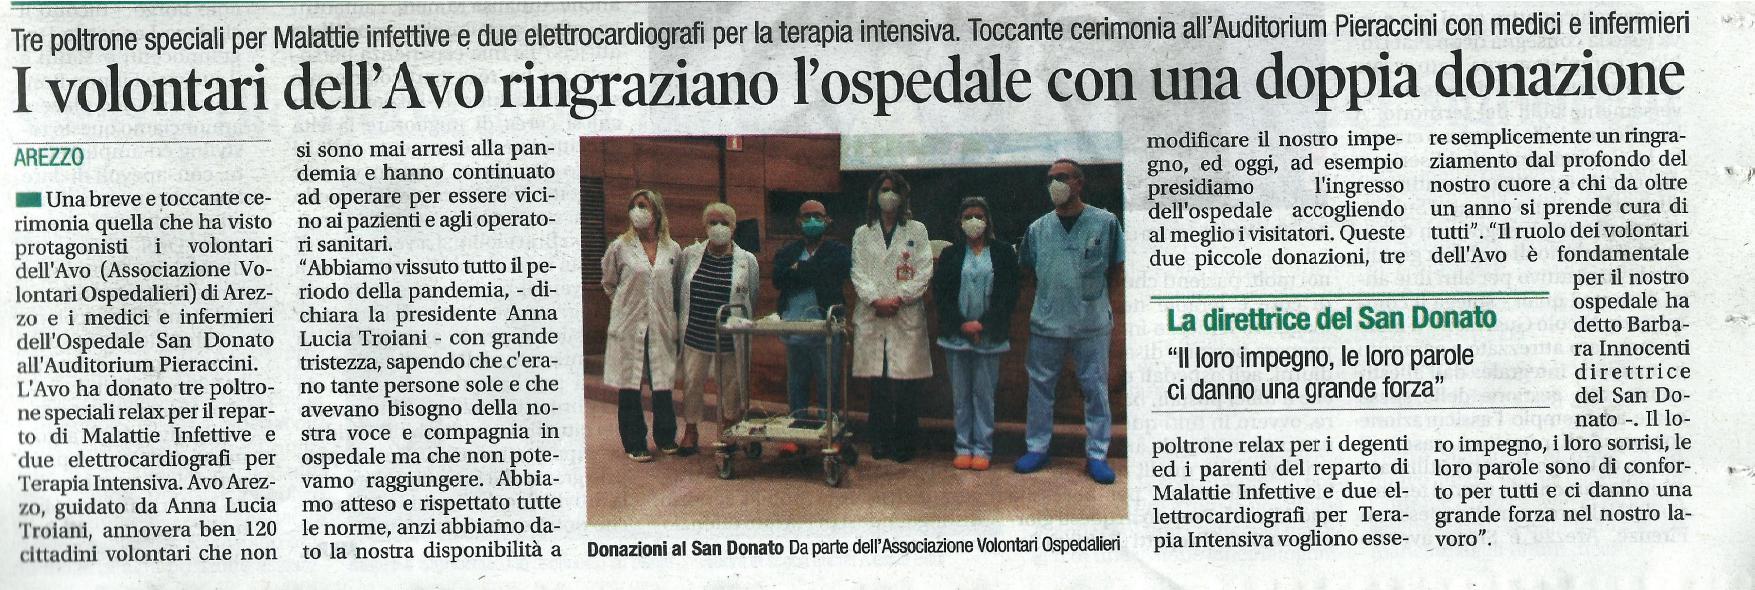 AVO Arezzo: donazione all'Ospedale San Donato